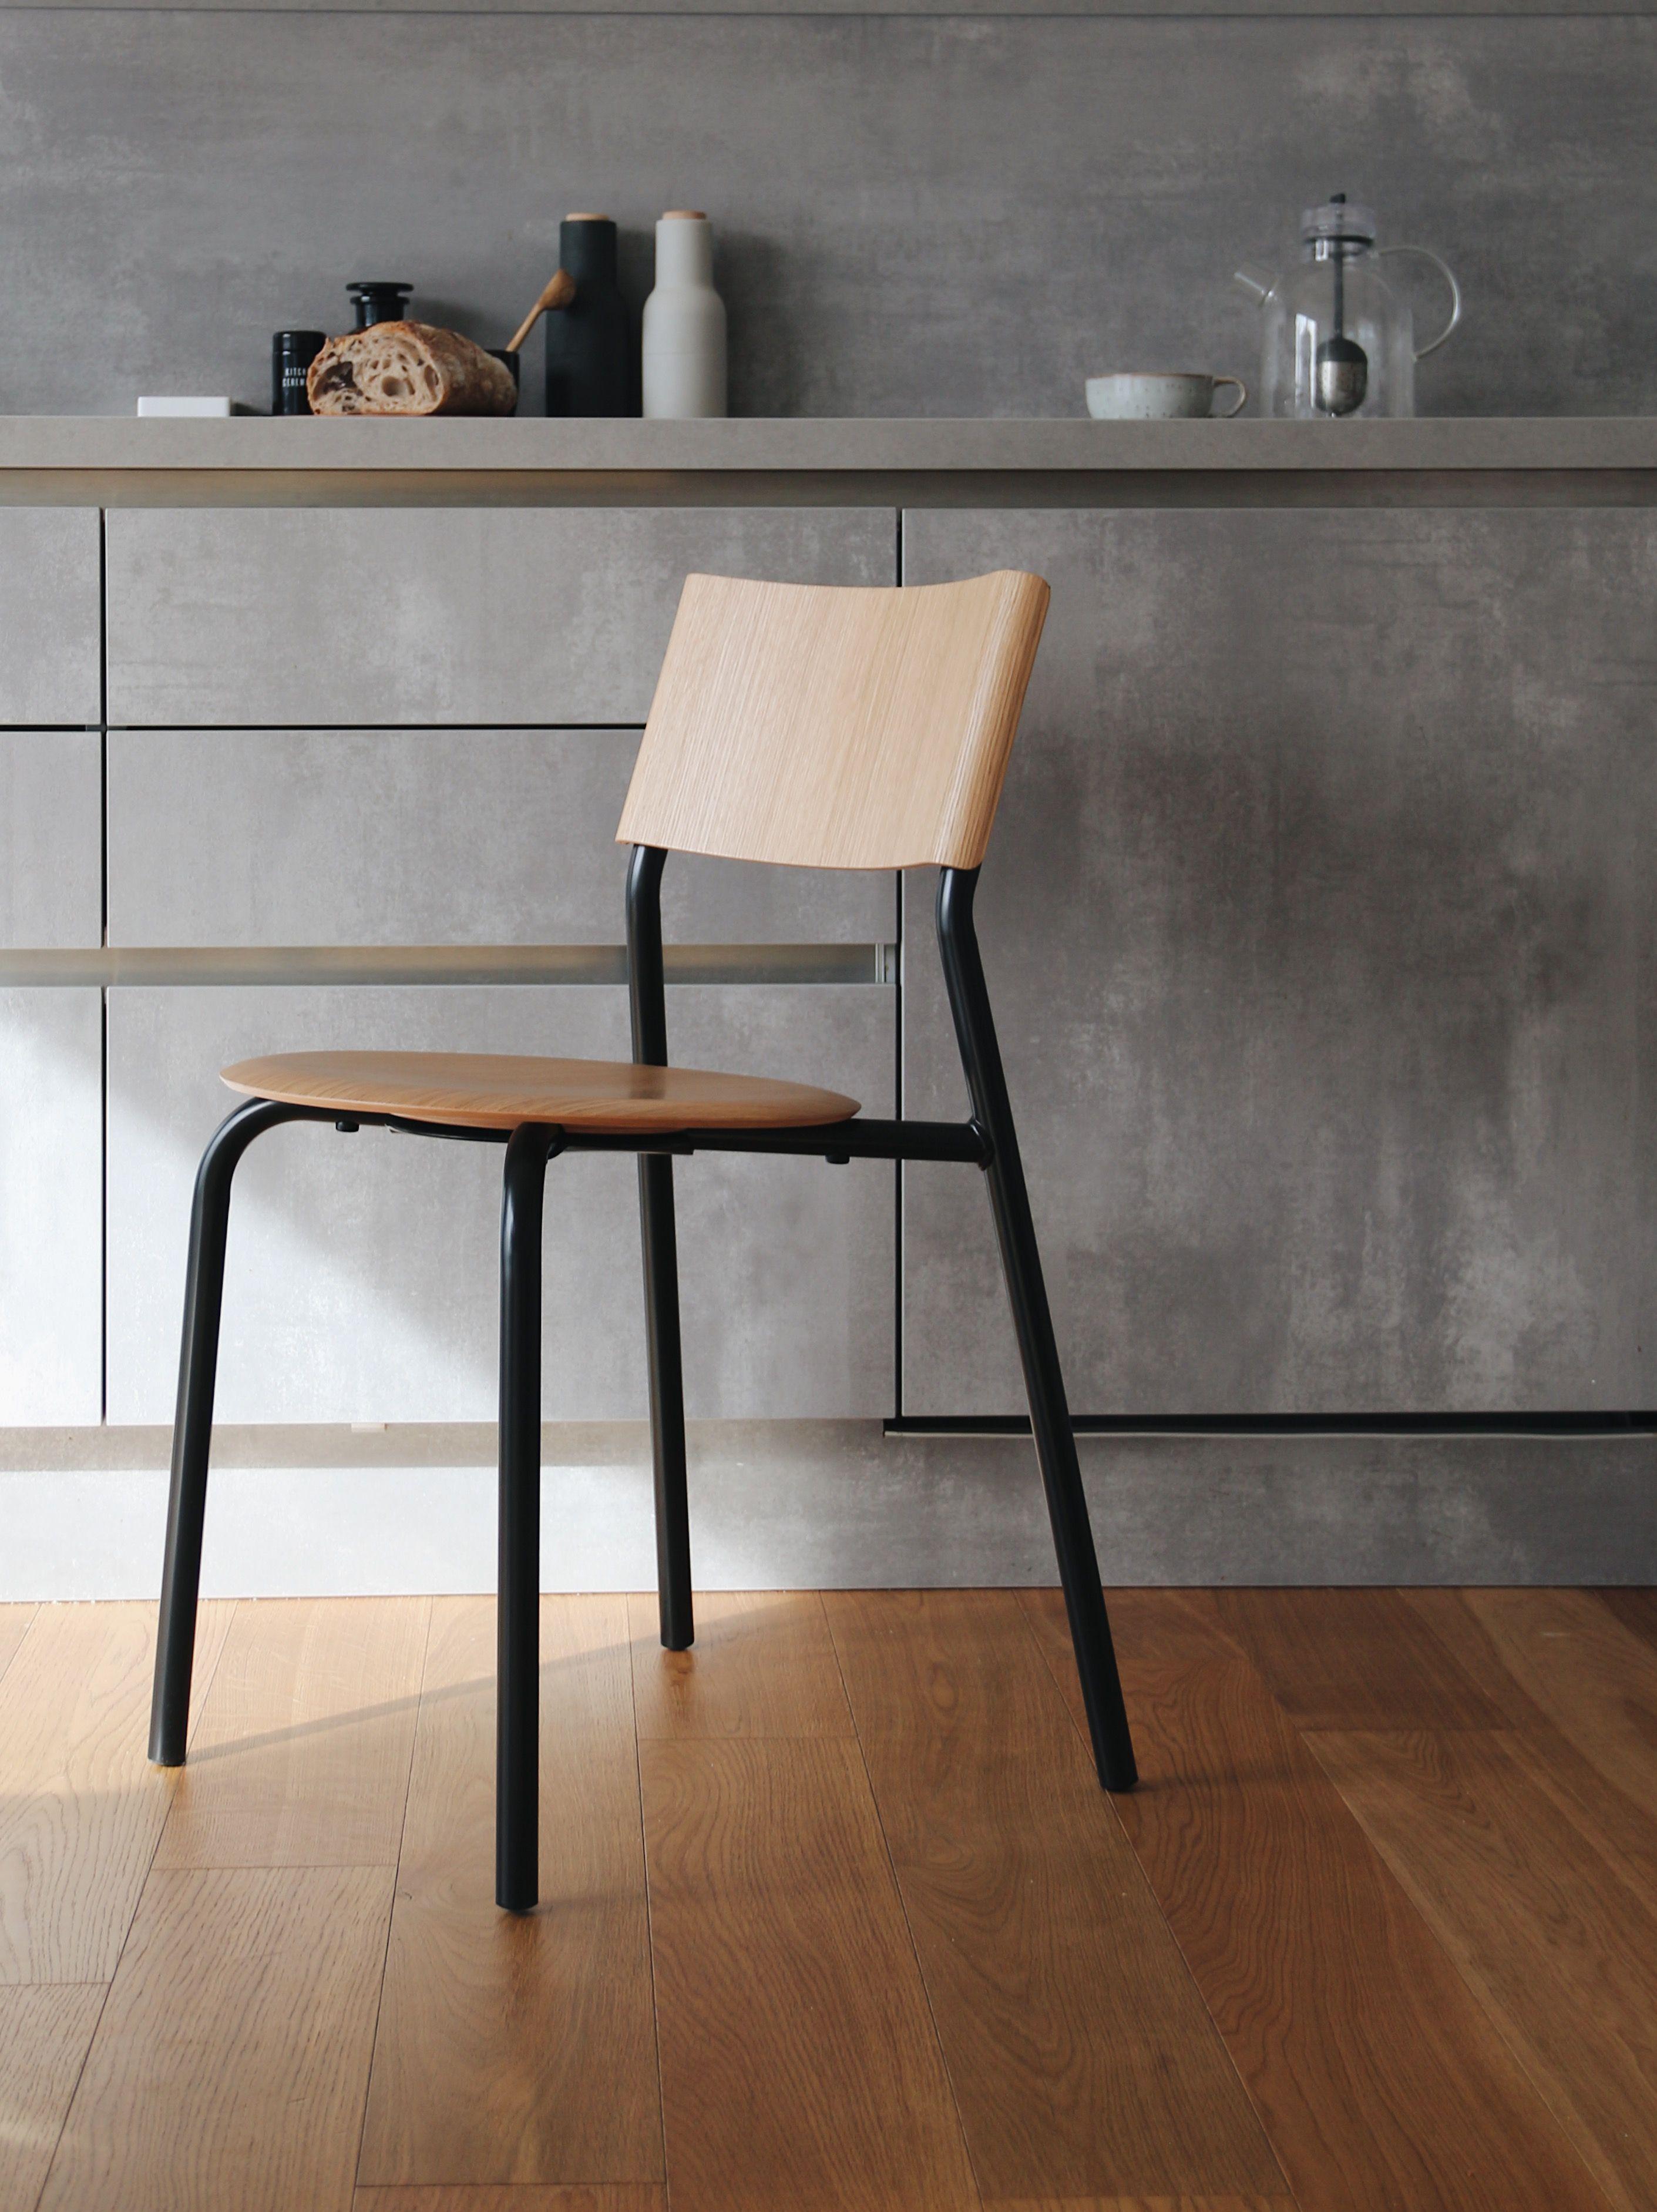 Chaise Ssd Simple Solide Et Durable Par Tiptoe Fabrication 100 Europeenne Avec Des Materiaux Nobles En 2020 Mobilier De Salon Pied De Table Design Table Modulable